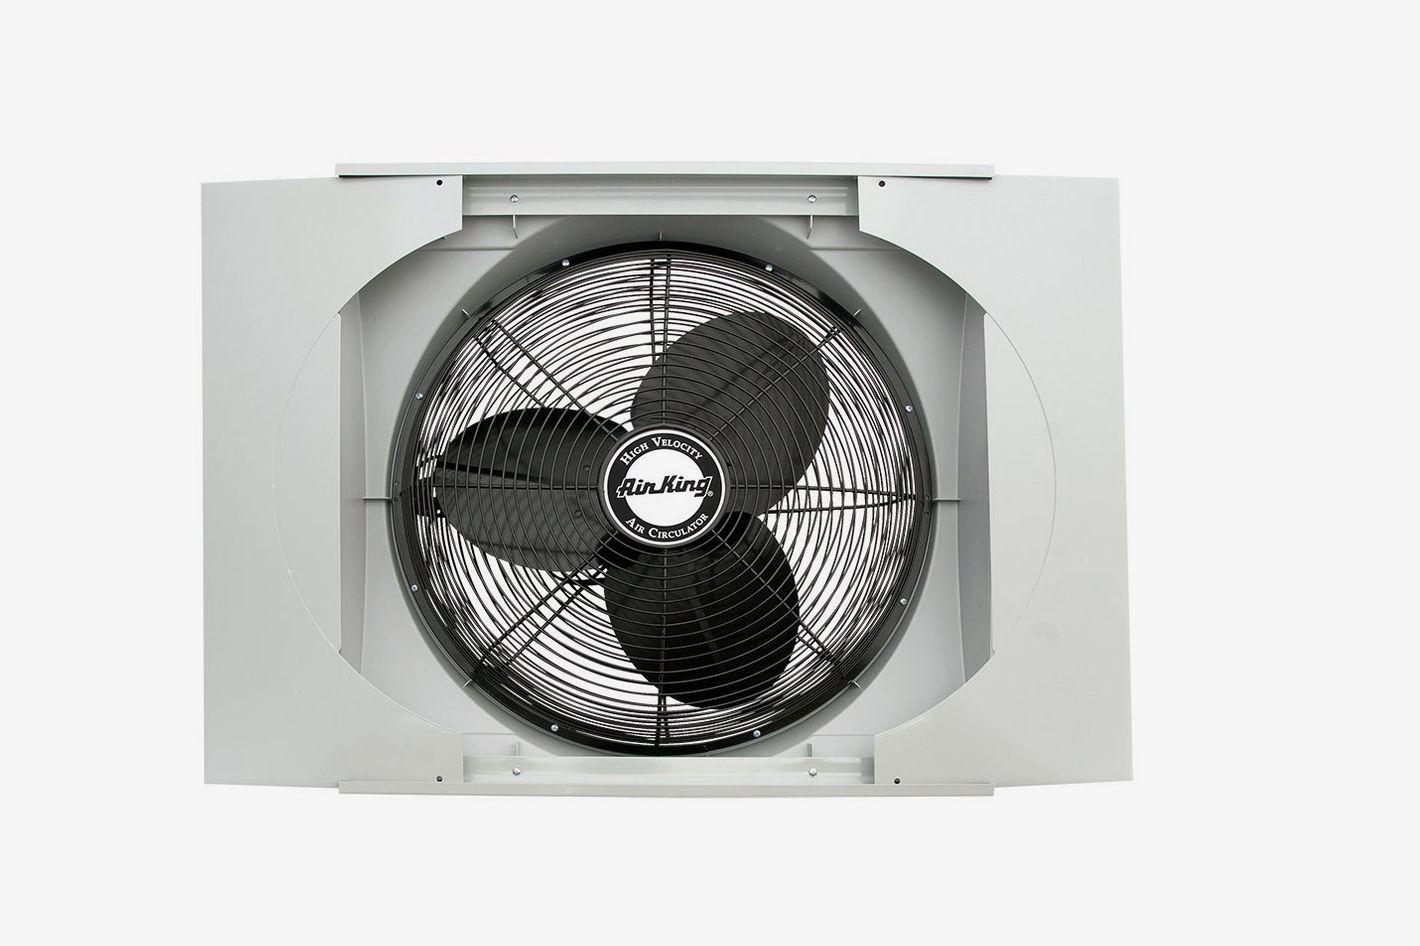 Air King 20-Inch Whole-House Window Fan